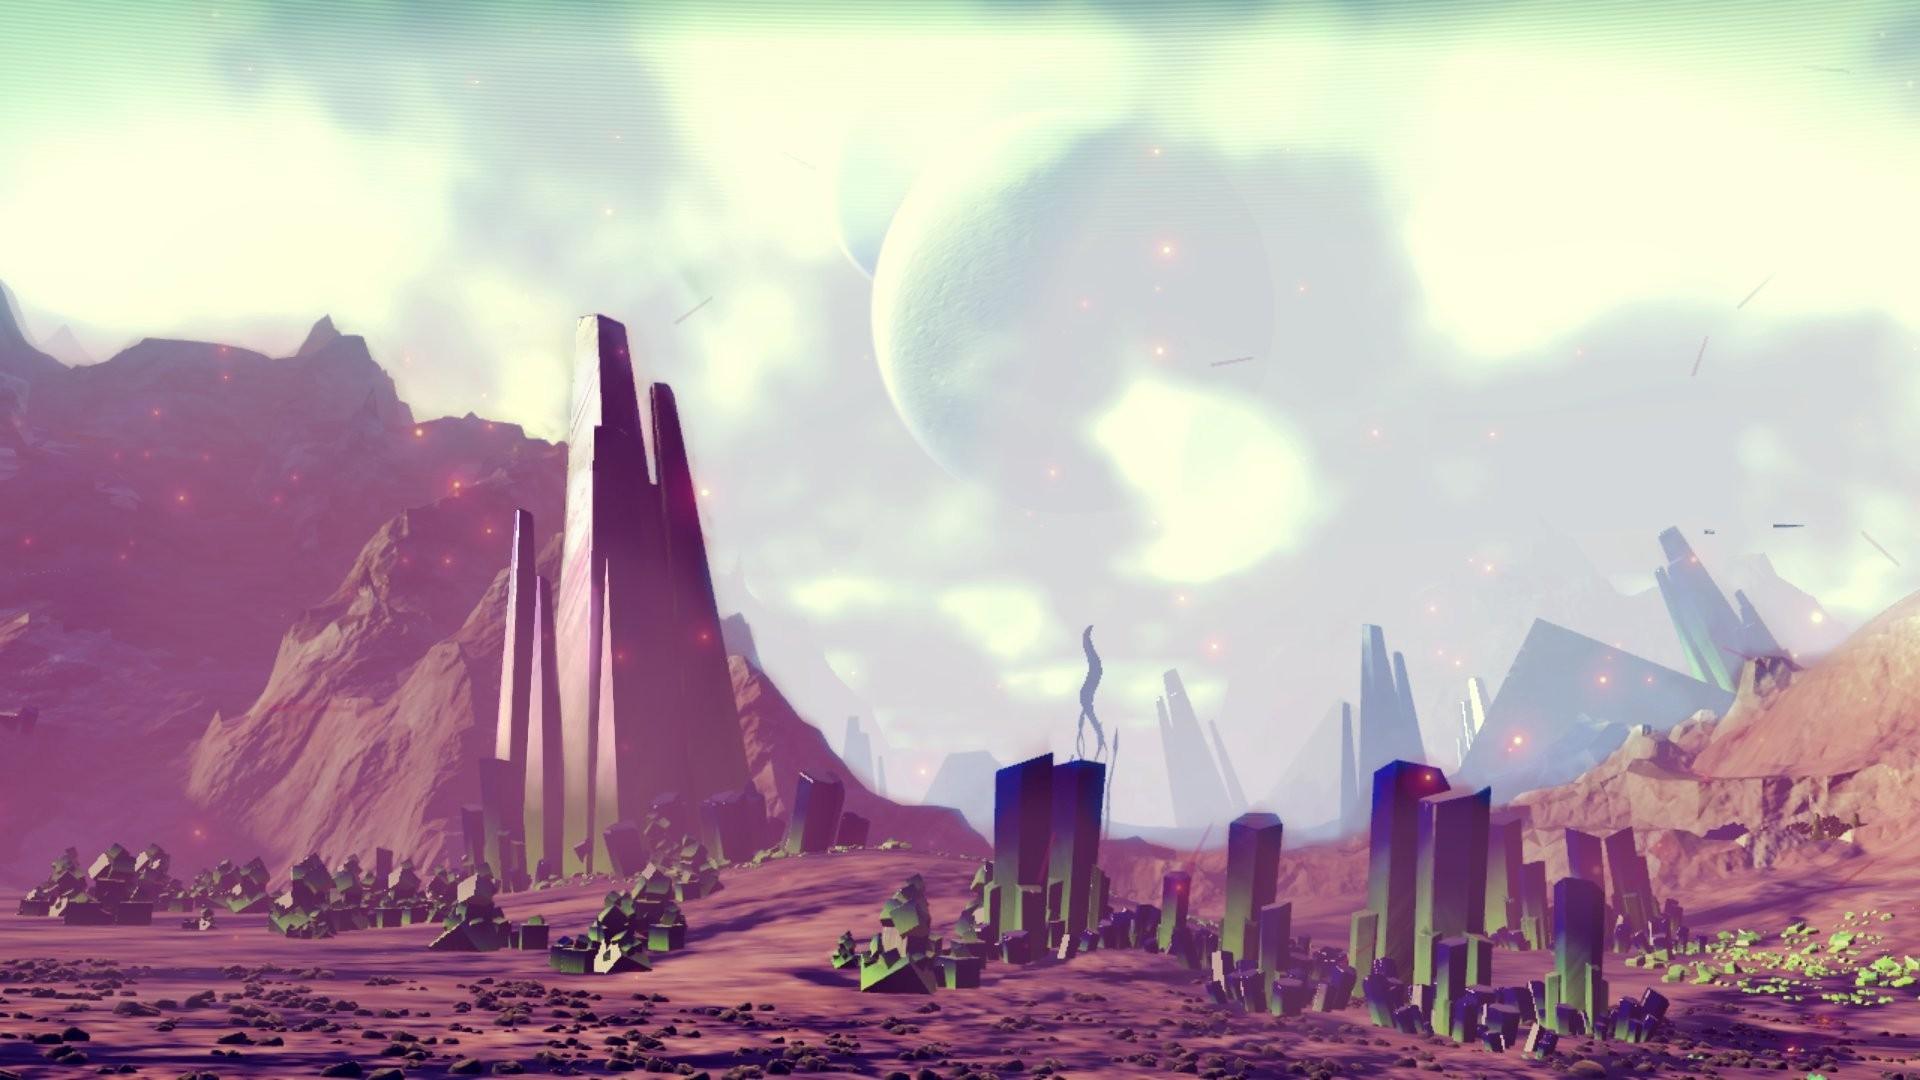 无人深空游戏截图欣赏 浩瀚宇宙无垠深空